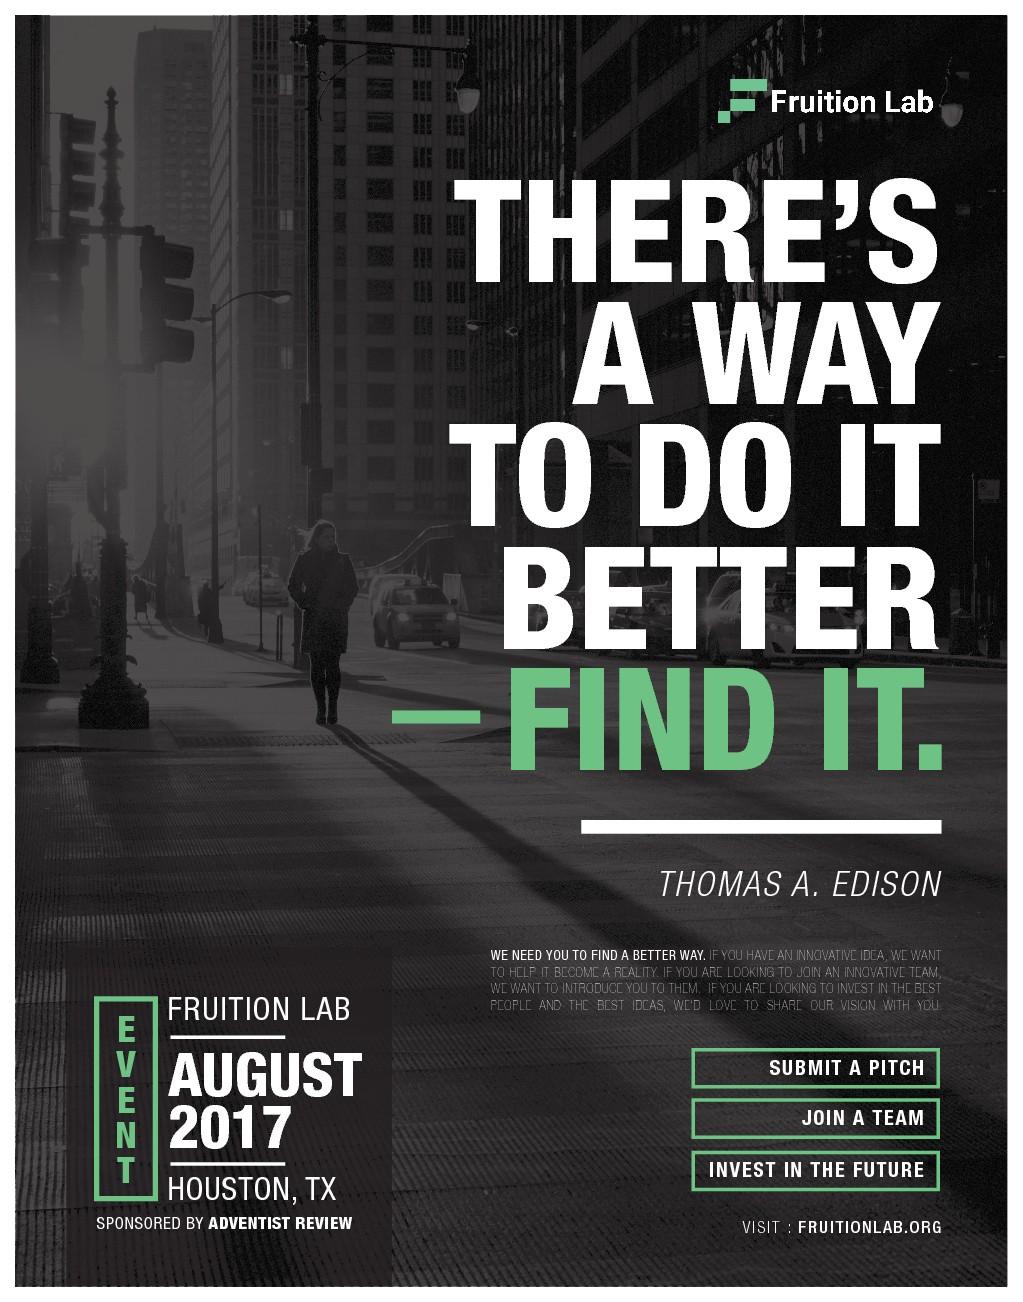 Minimal Magazine AD needed targeting entrepreneurs, innovators, and investors.